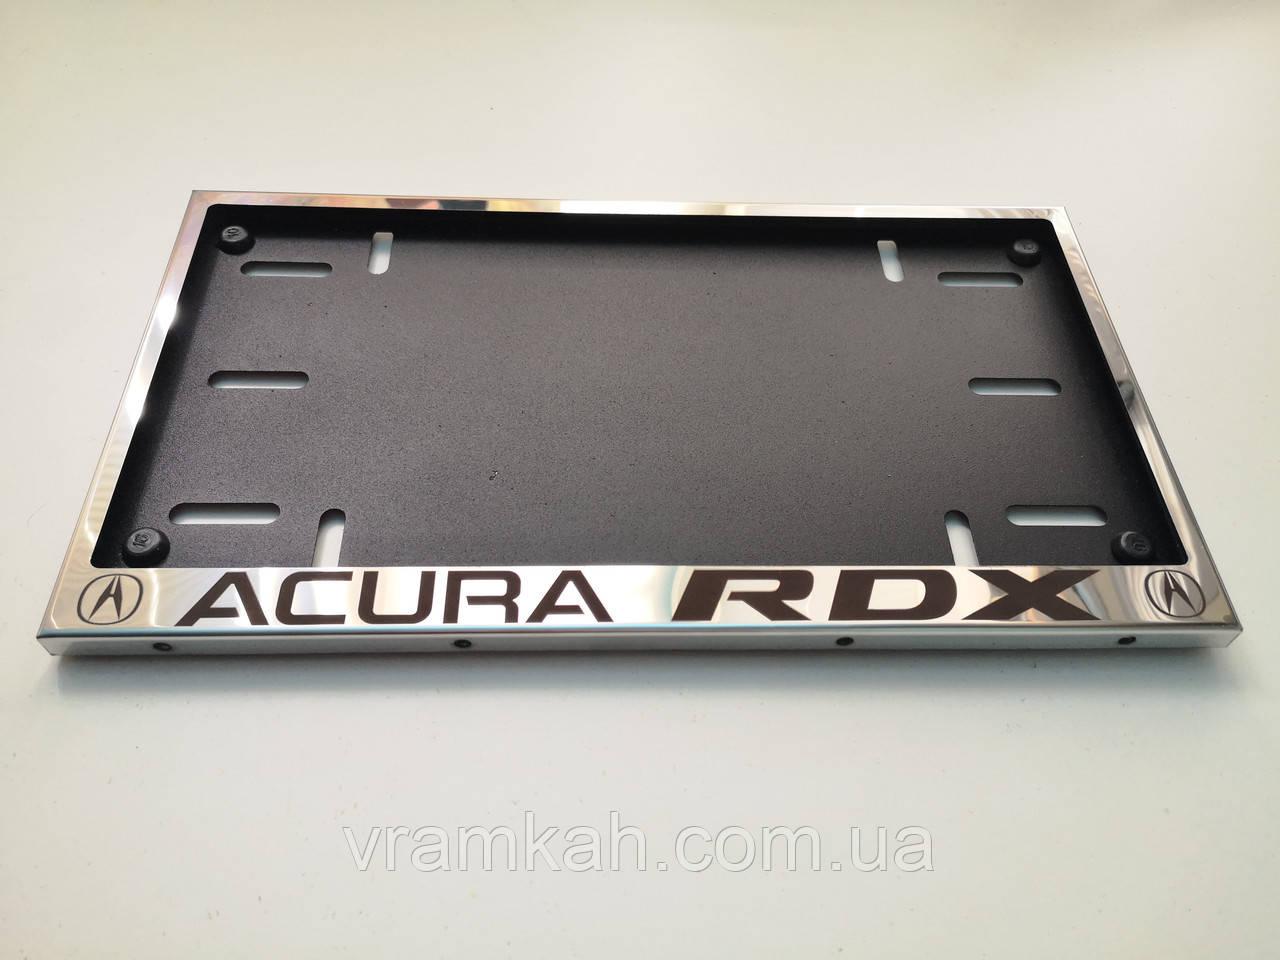 Номерная рамка для авто ACURA